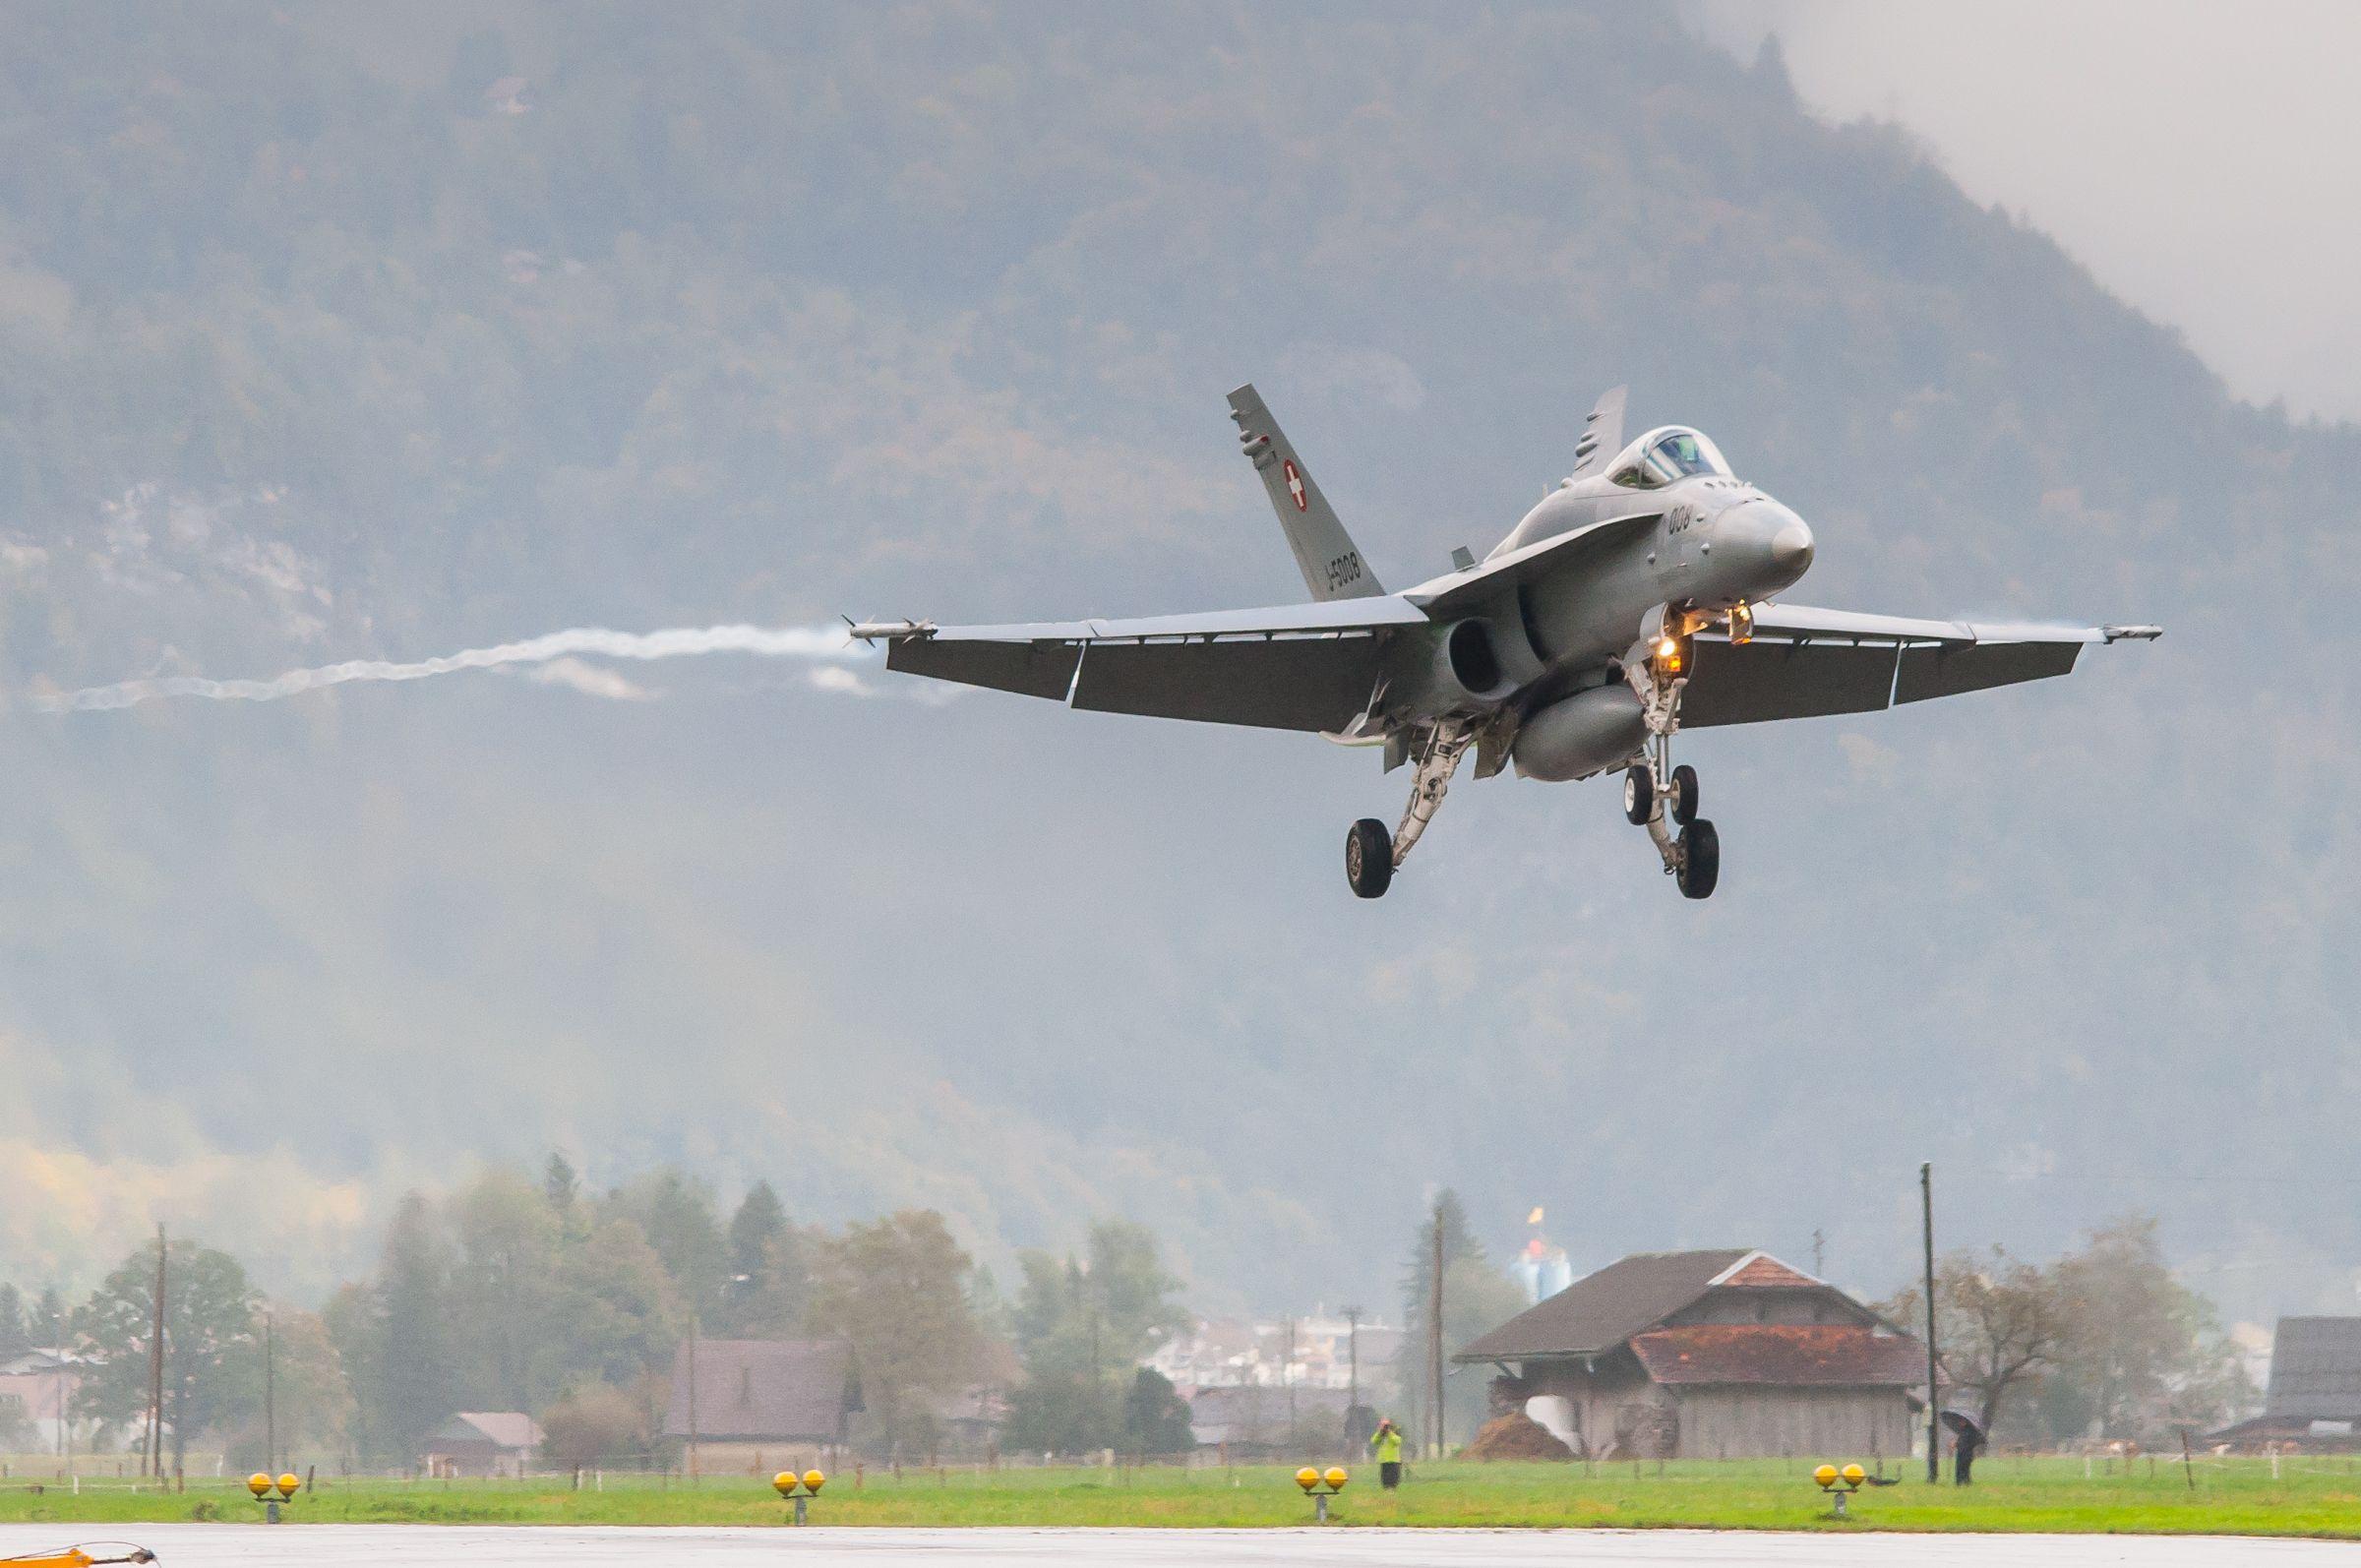 Air force live fire event Axalp 2012 - 10-11 Oct 2012 - Pagina 2 000143m